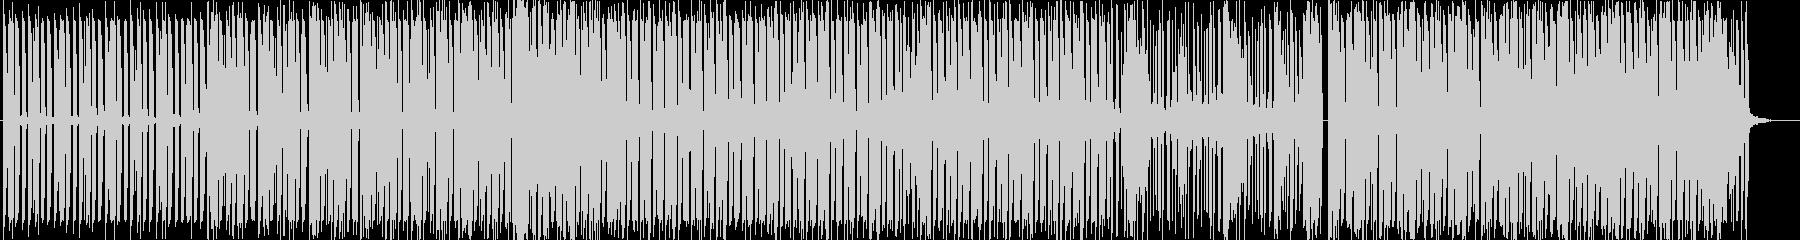 スタイリッシュで前向きなエレクトロBGMの未再生の波形